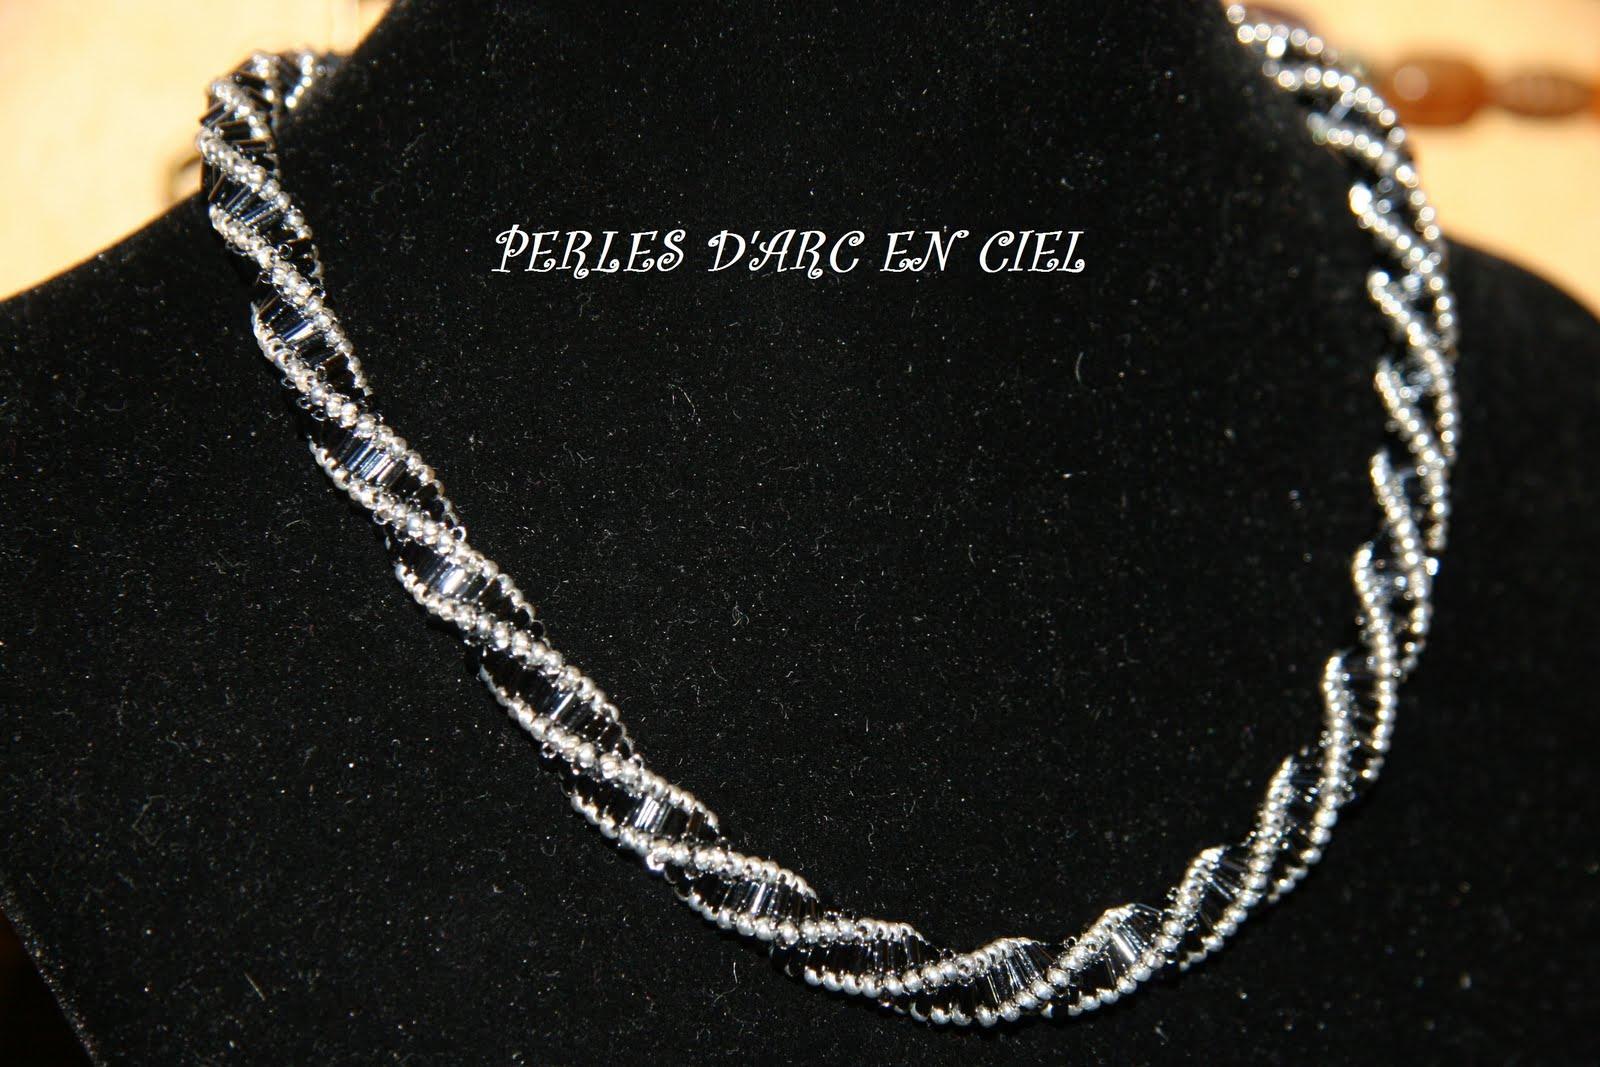 perles d 39 arc en ciel collier avec perles tubes metallic hematite et rocailles argentees. Black Bedroom Furniture Sets. Home Design Ideas